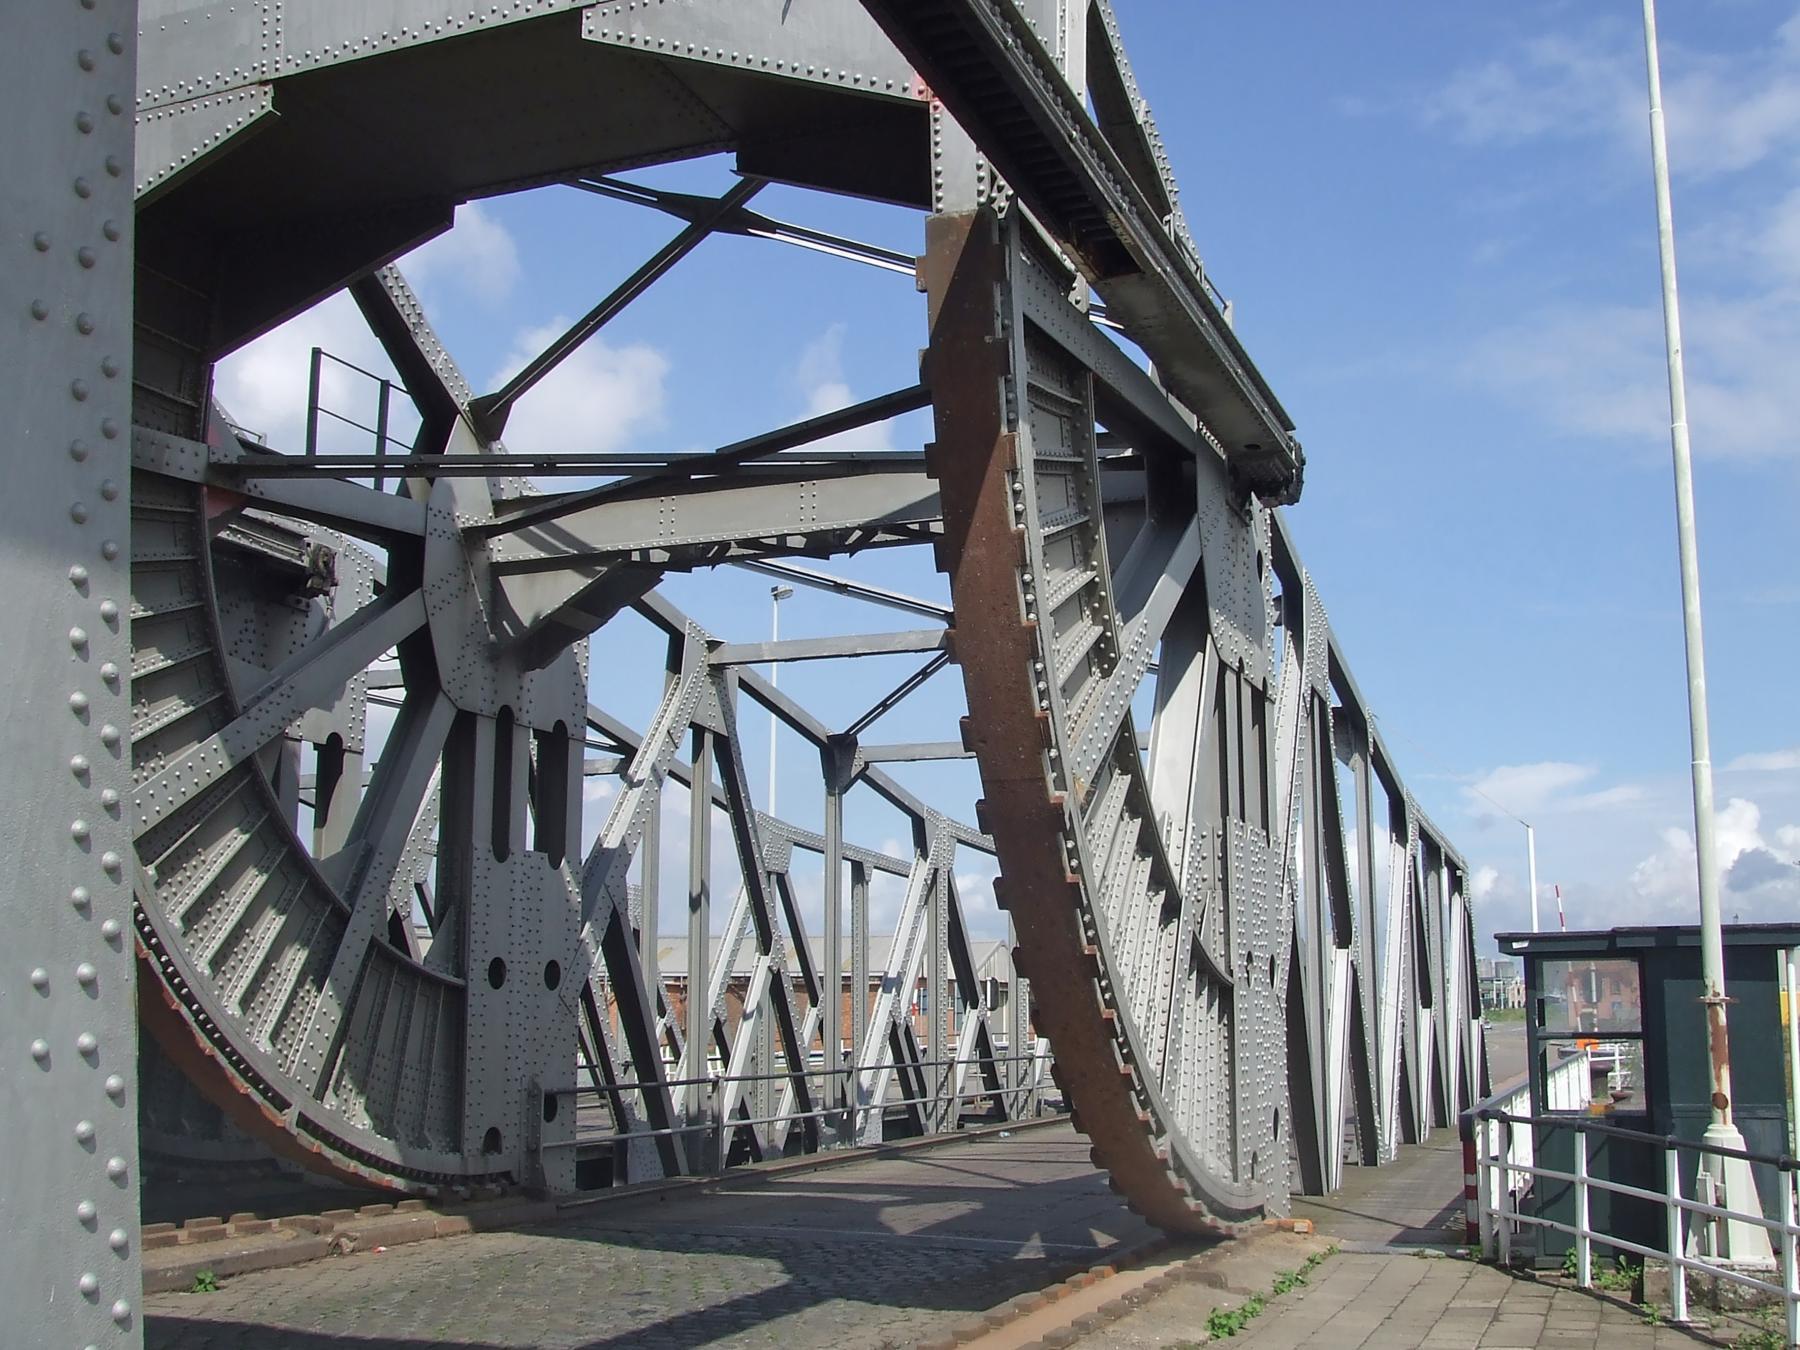 Op deze foto ziet u de Mexicobrug